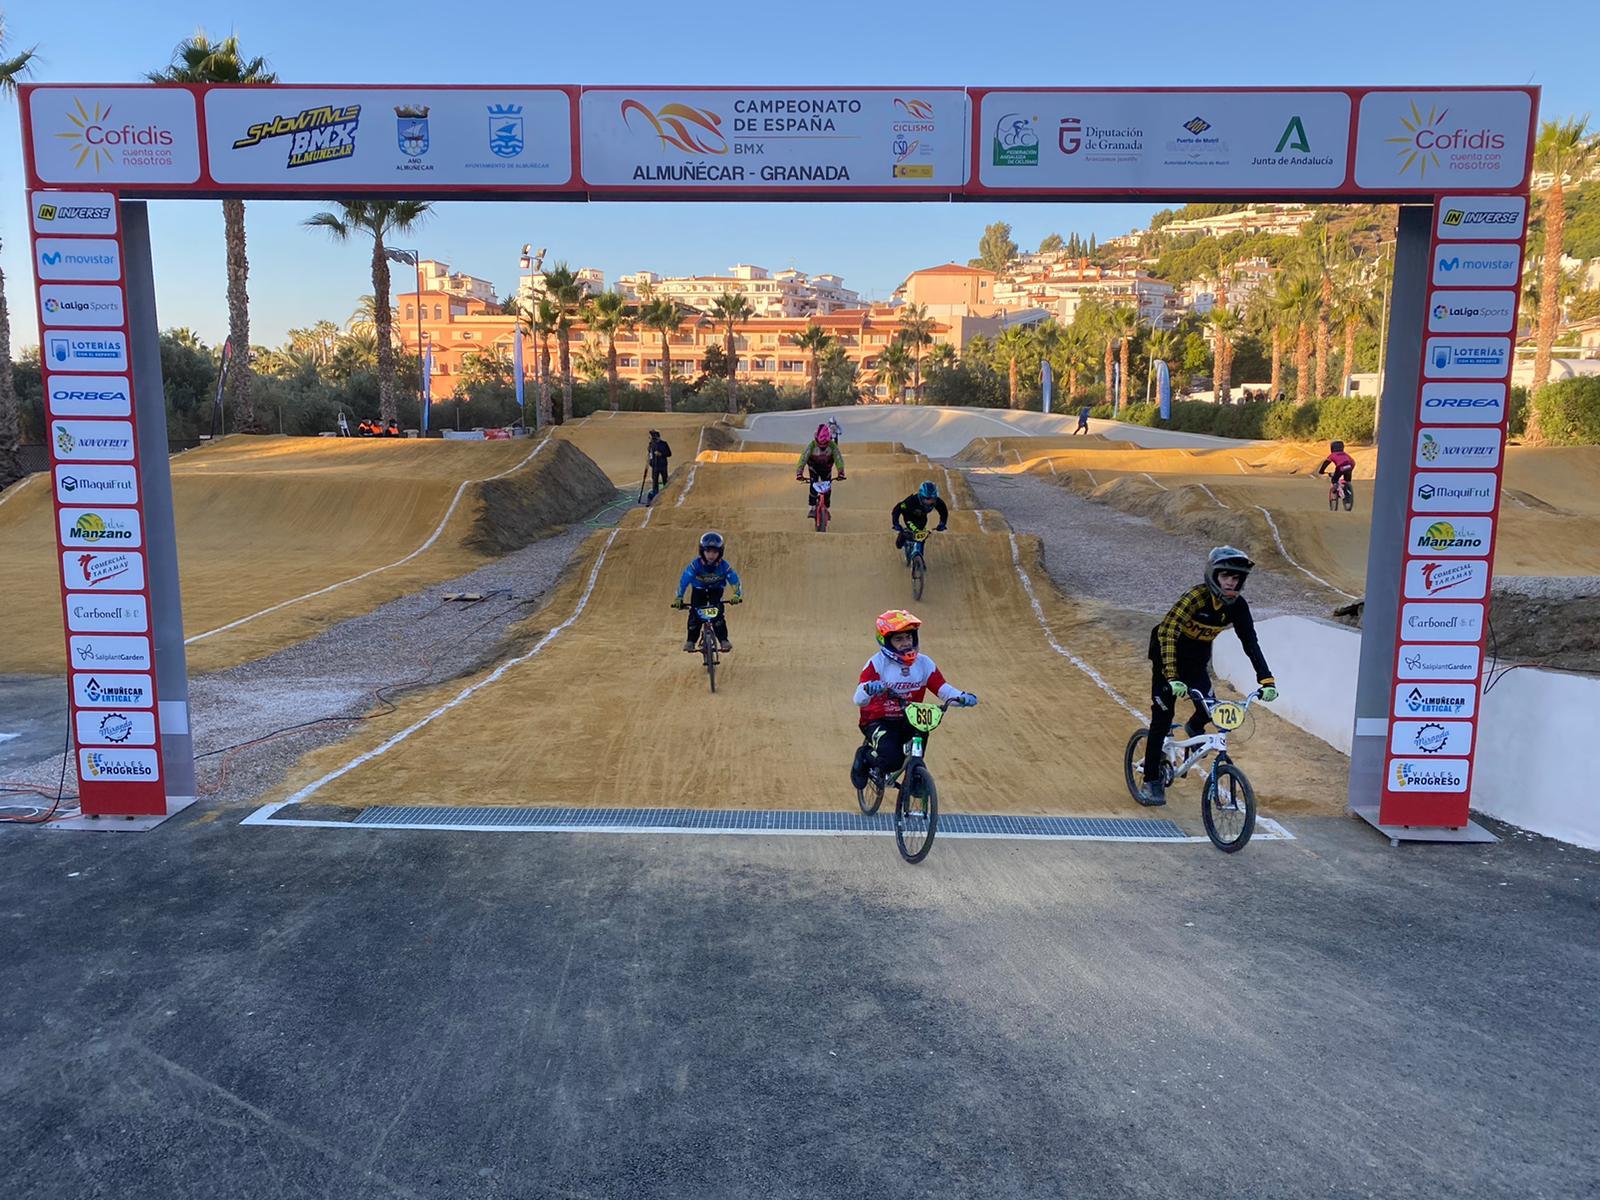 Foto: Real Federación Española de Ciclismo